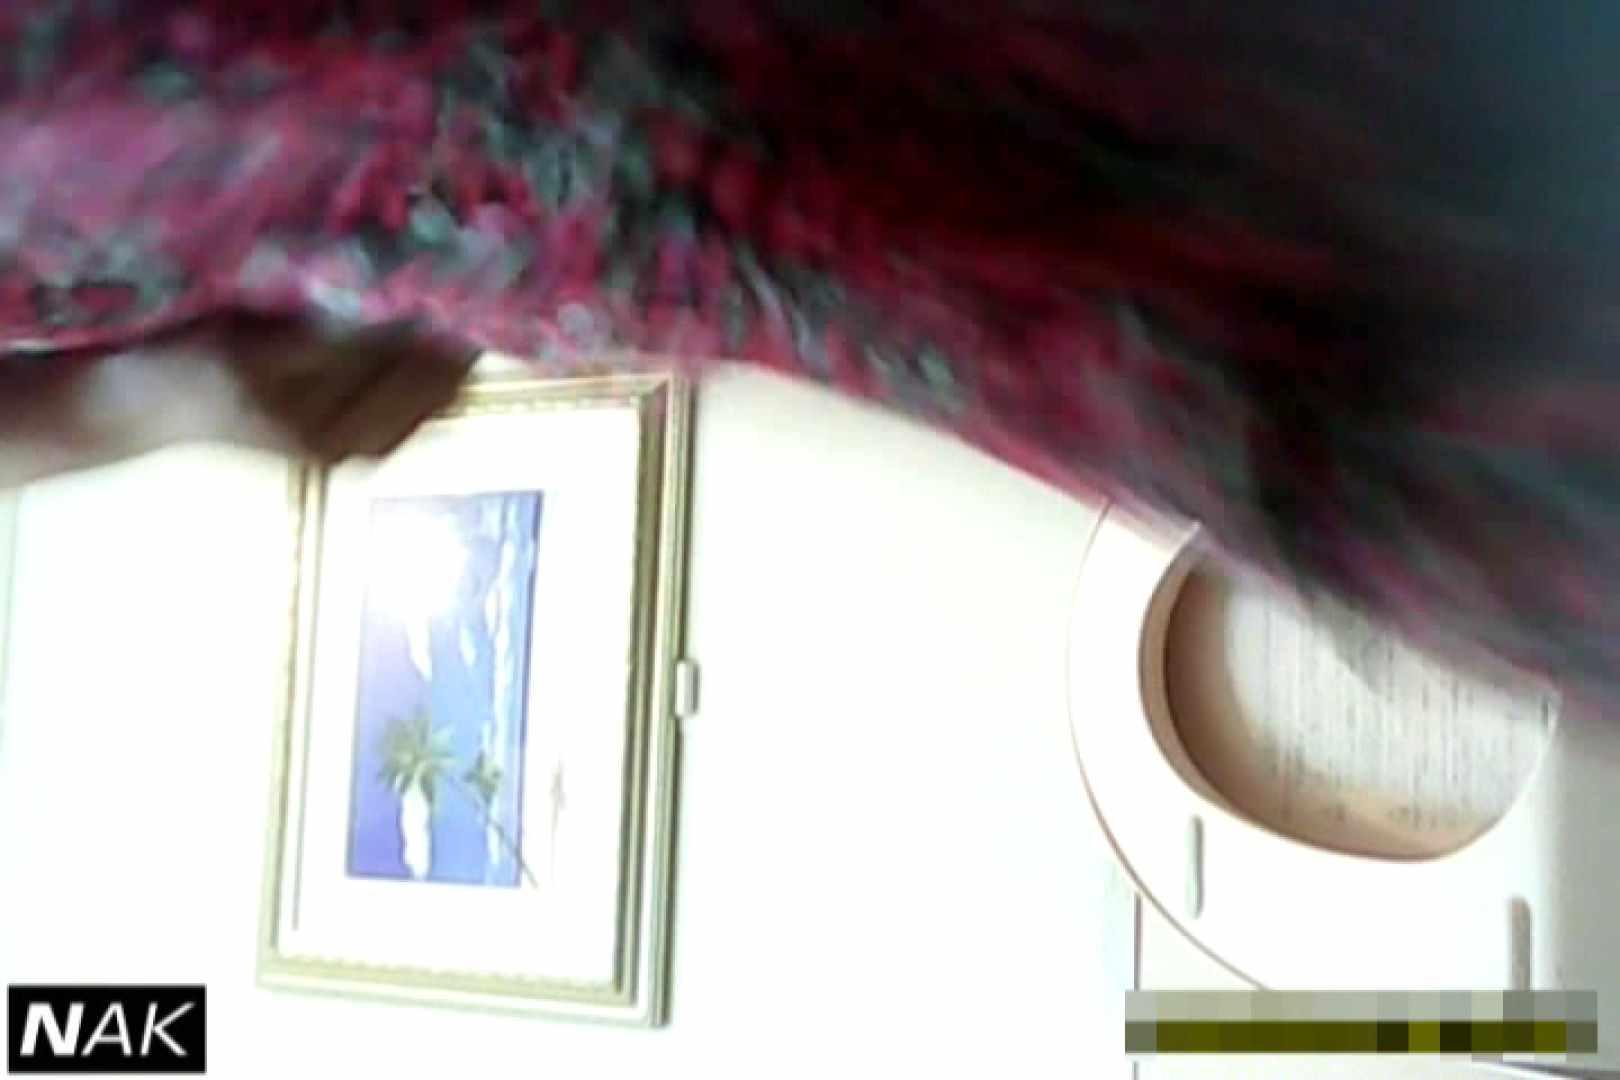 超高画質5000K!脅威の2点かわや! vol.24 肛門編 オマンコ動画キャプチャ 89PIX 78